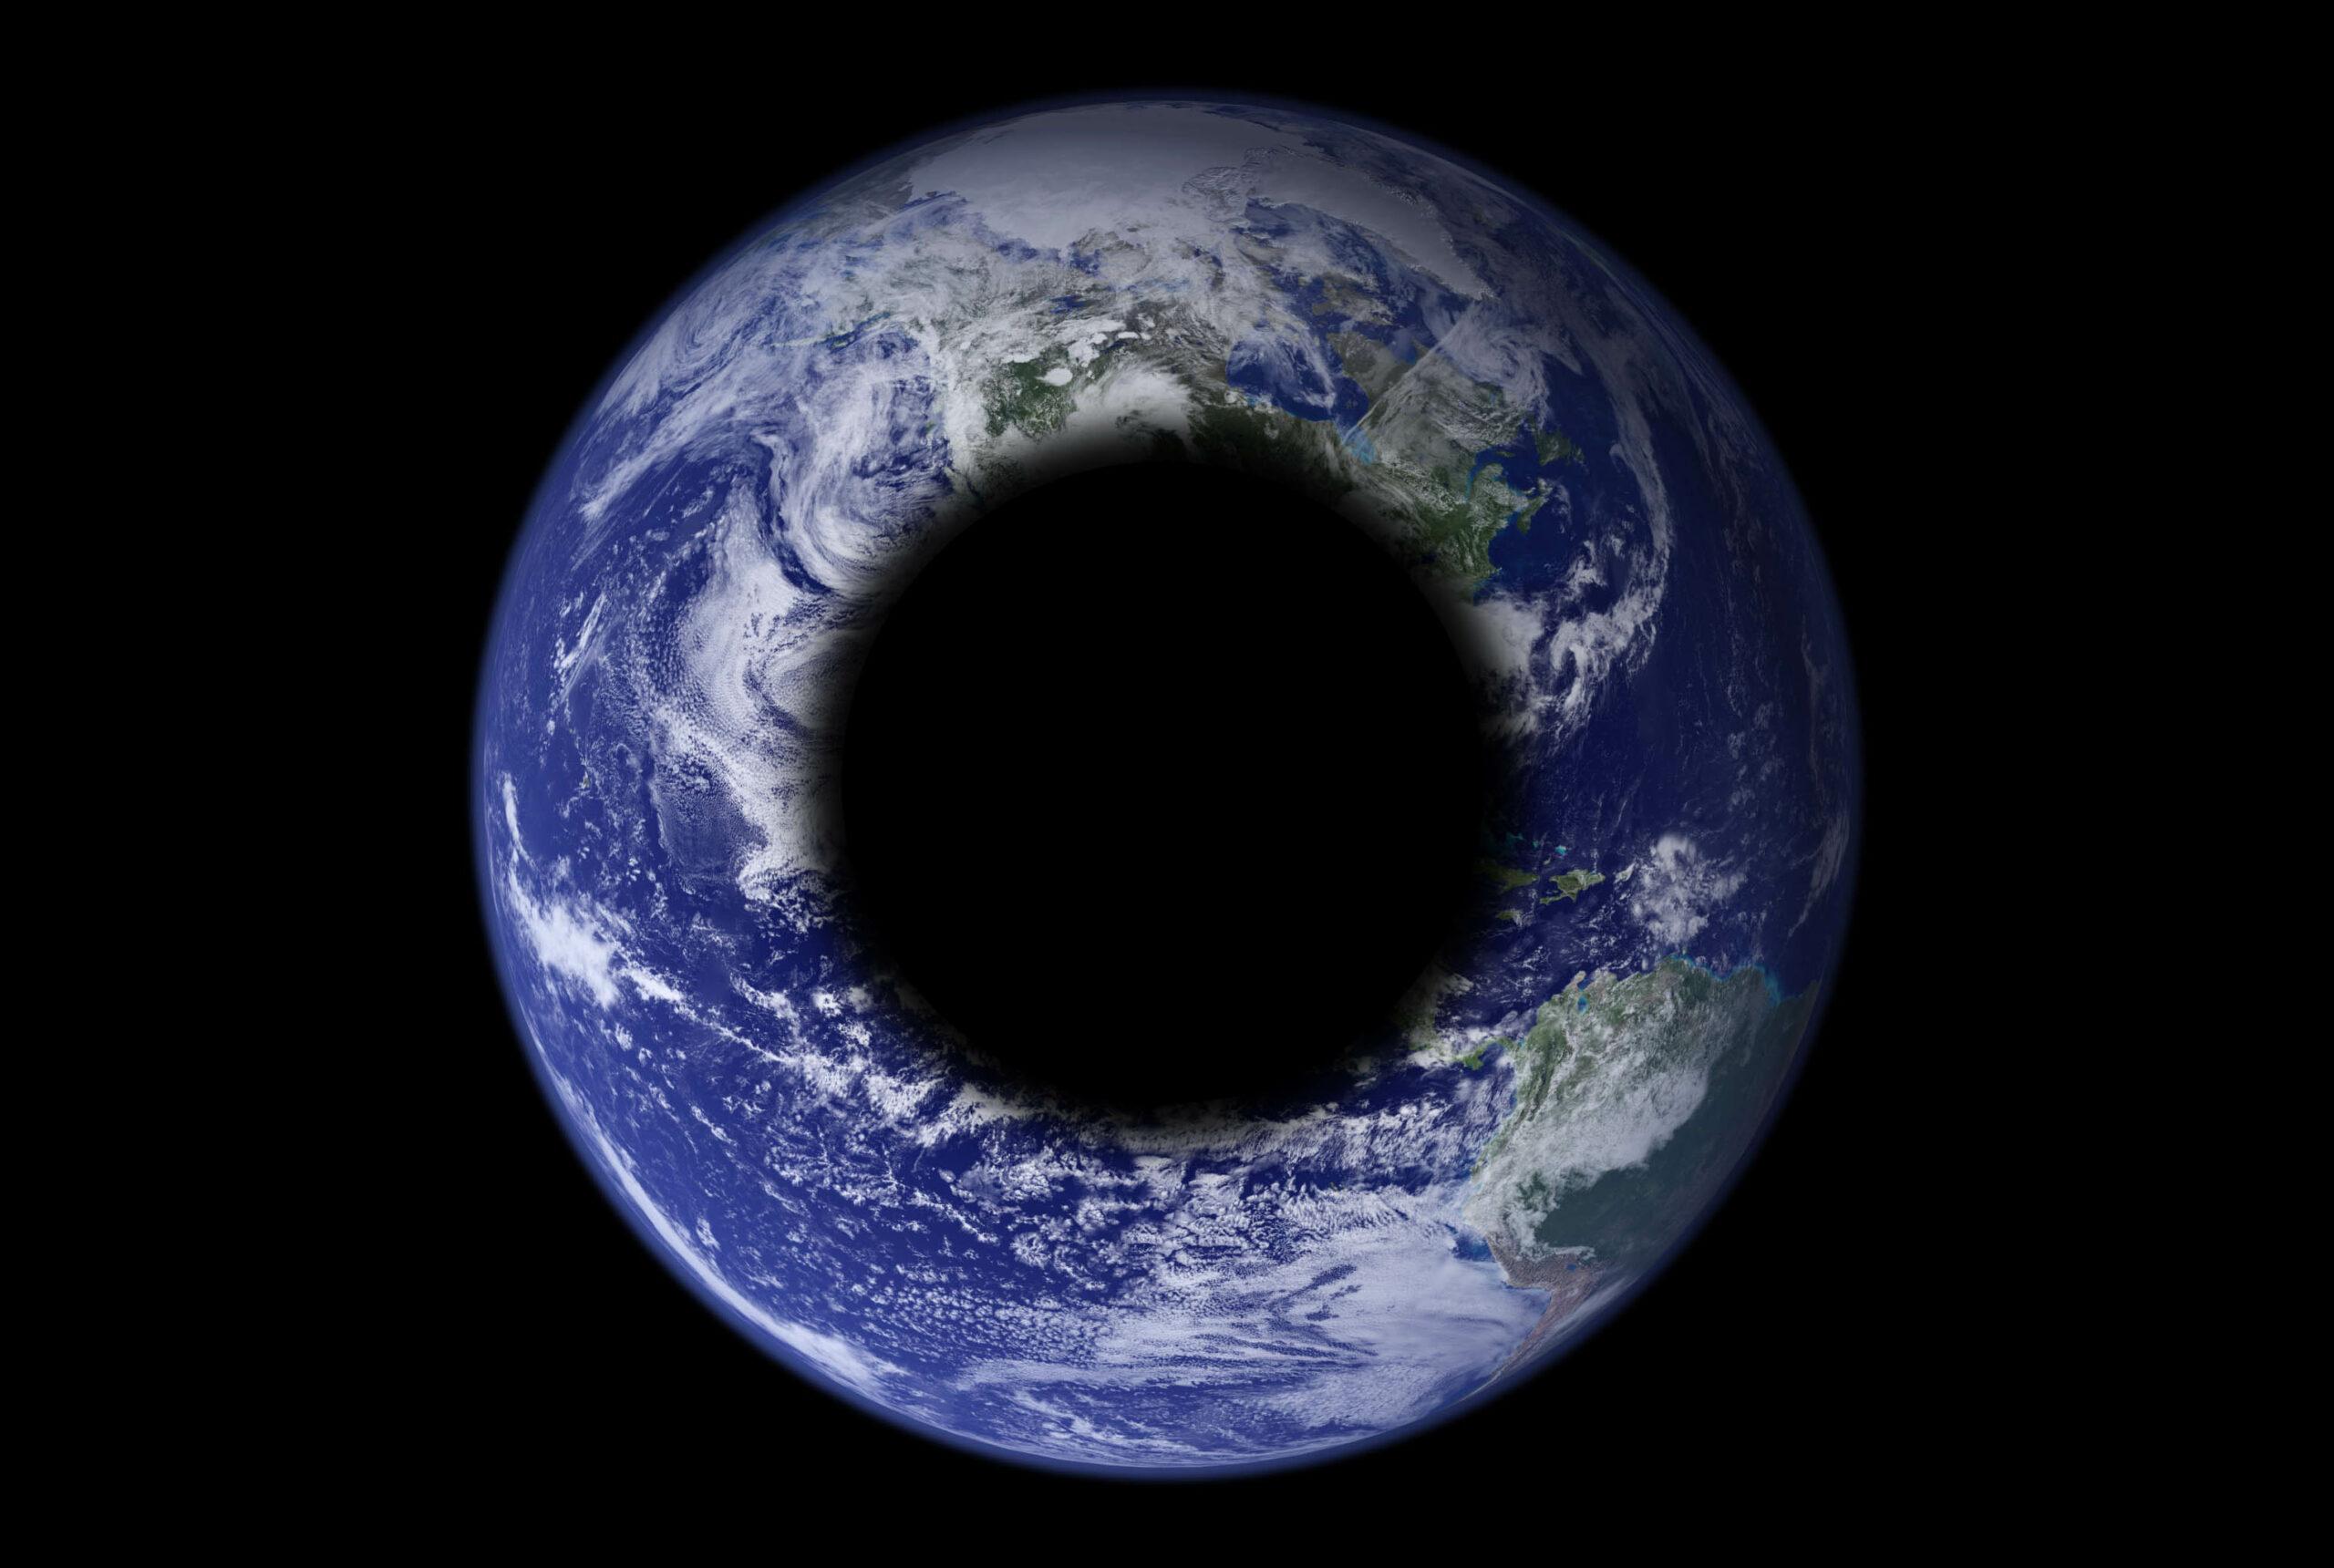 Artigo científico estranho diz que tem um buraco negro no centro da Terra